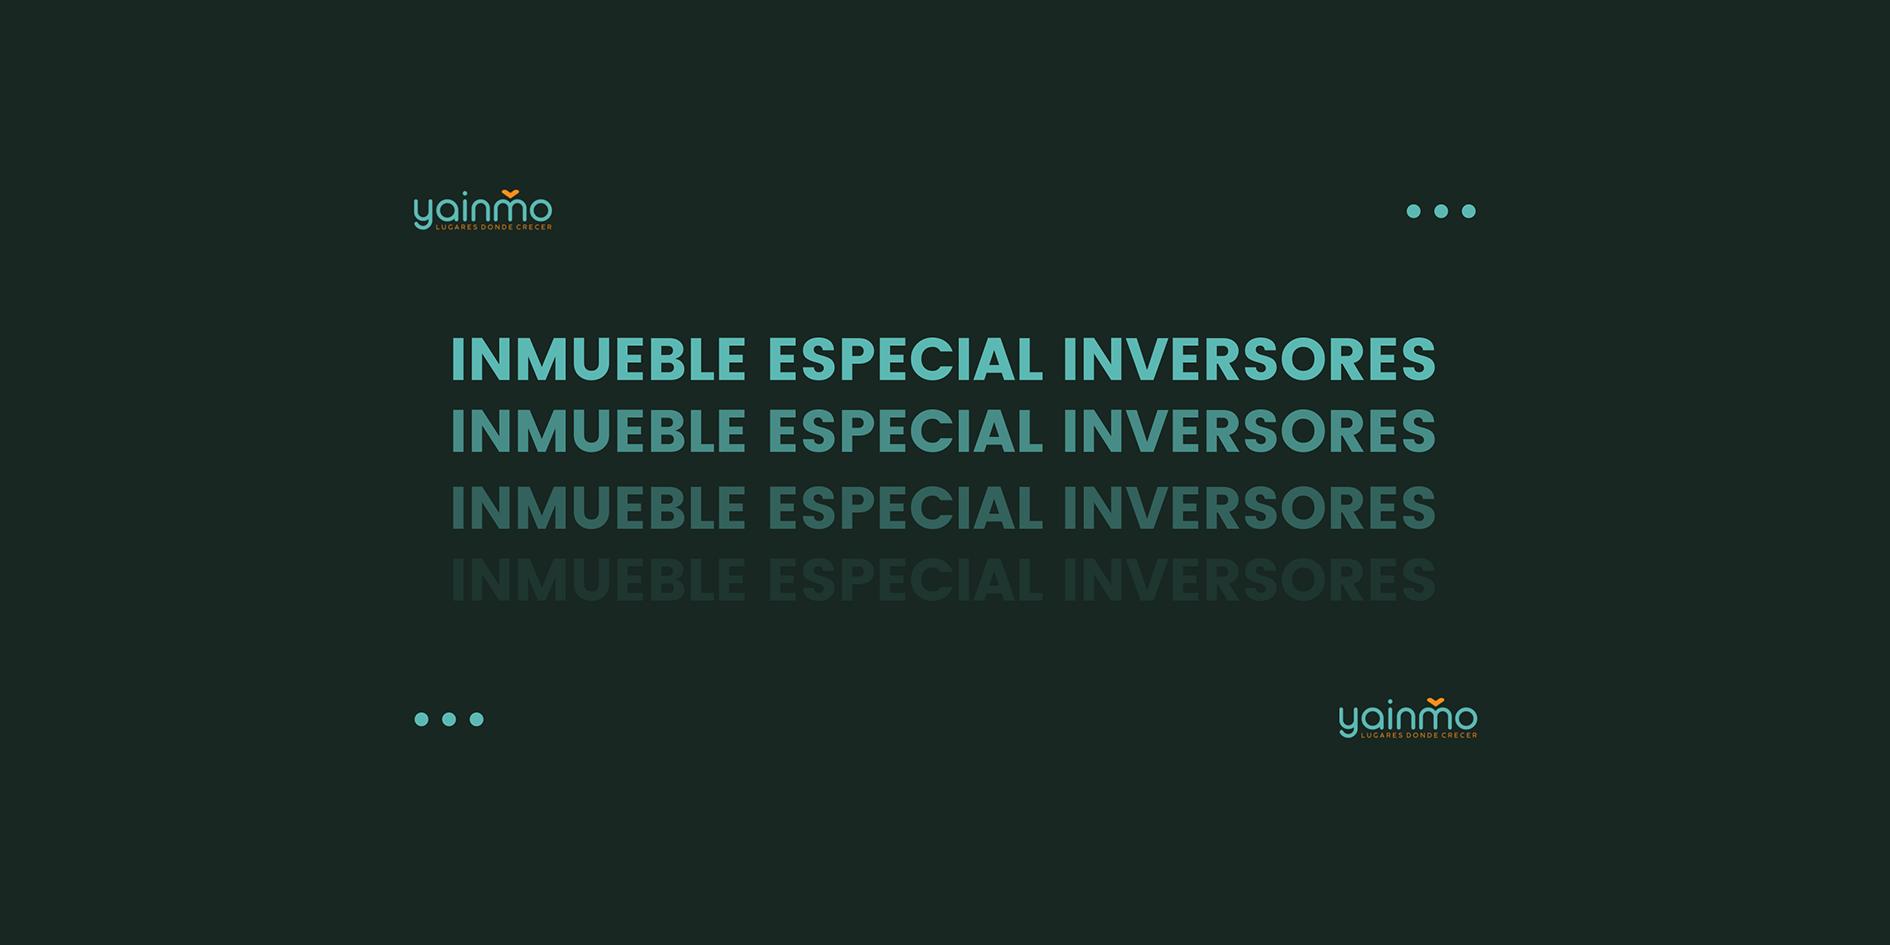 inmueble especial inversores yainmo